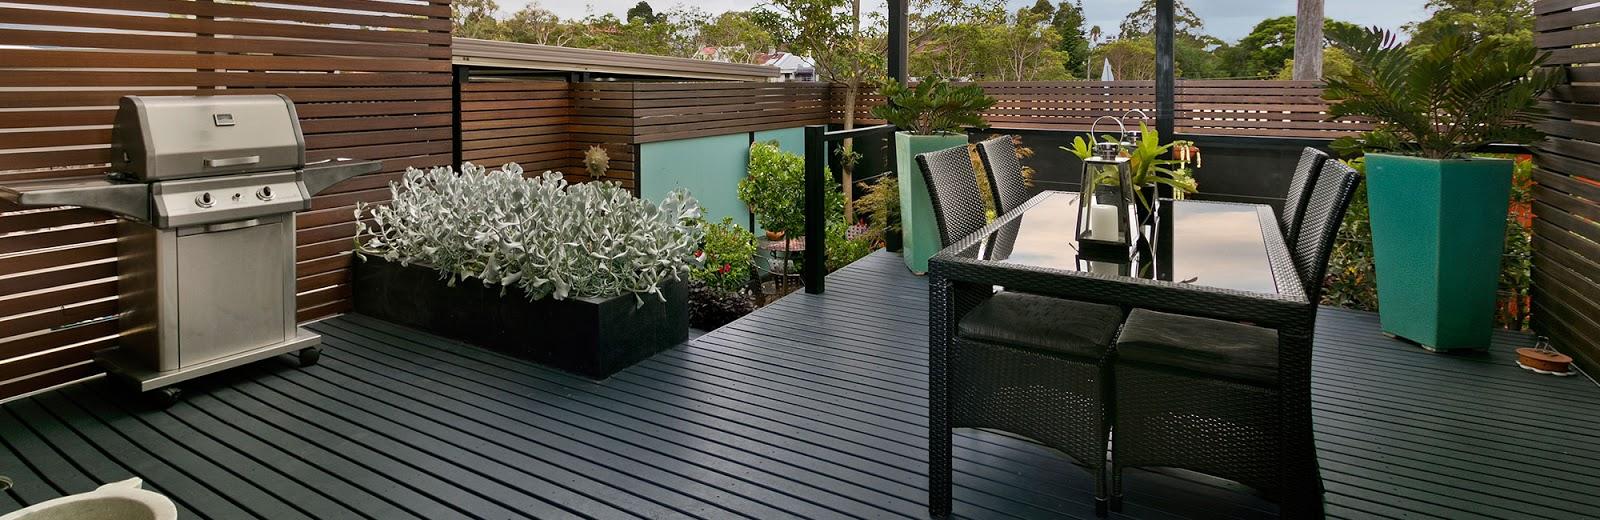 piso deck sintetico